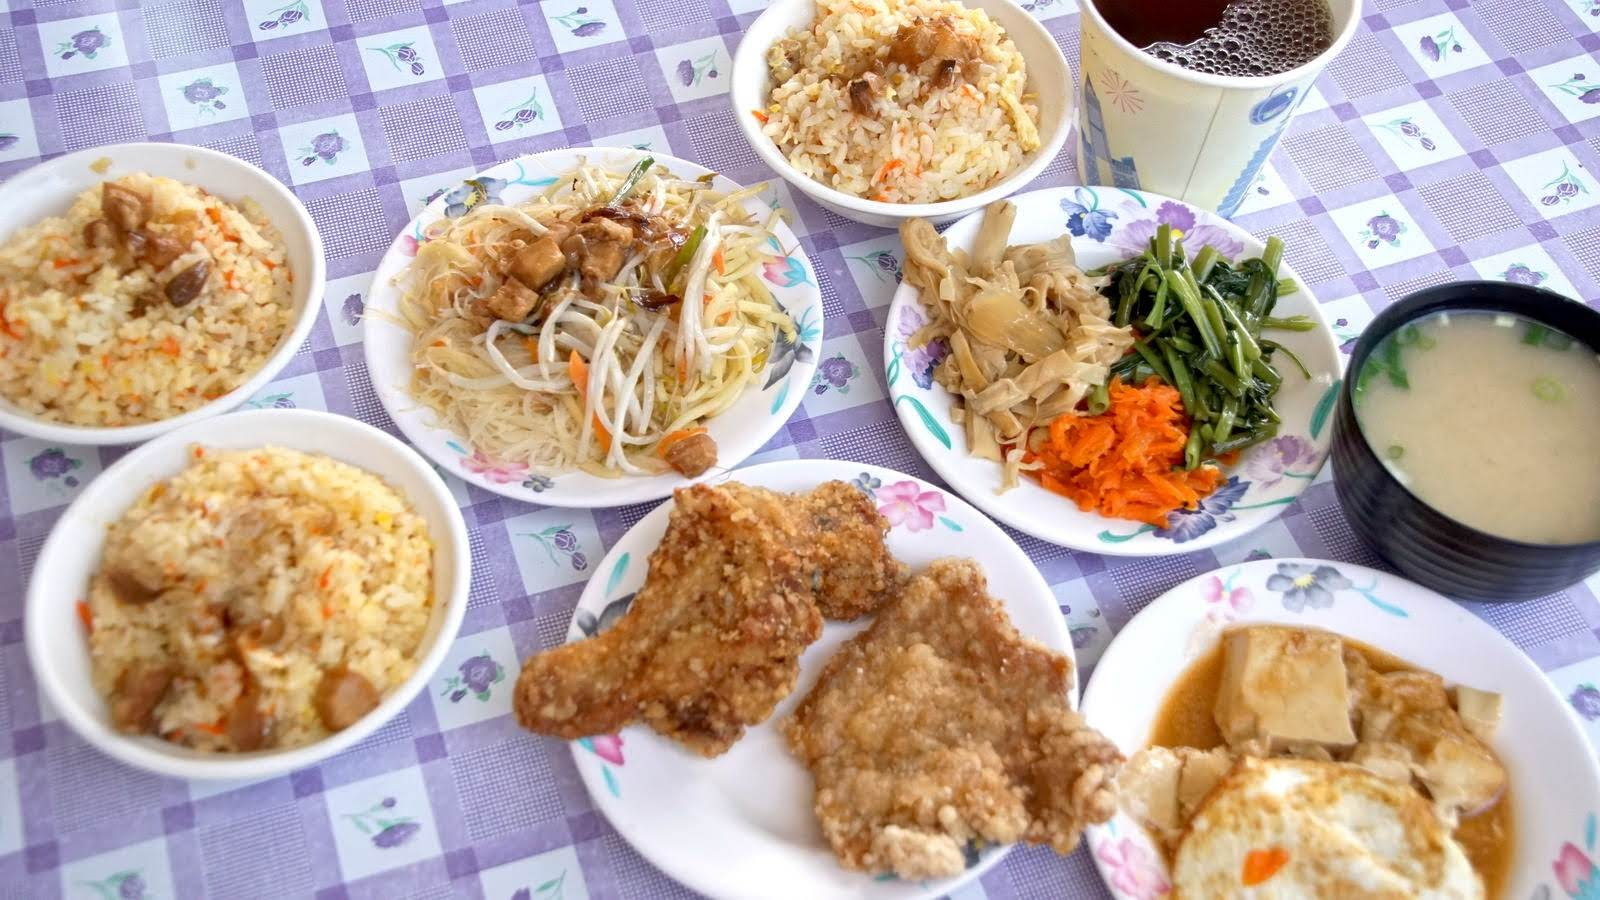 [台南][安南區] 安慶小吃部|在地人的巷弄飯桌仔|食記